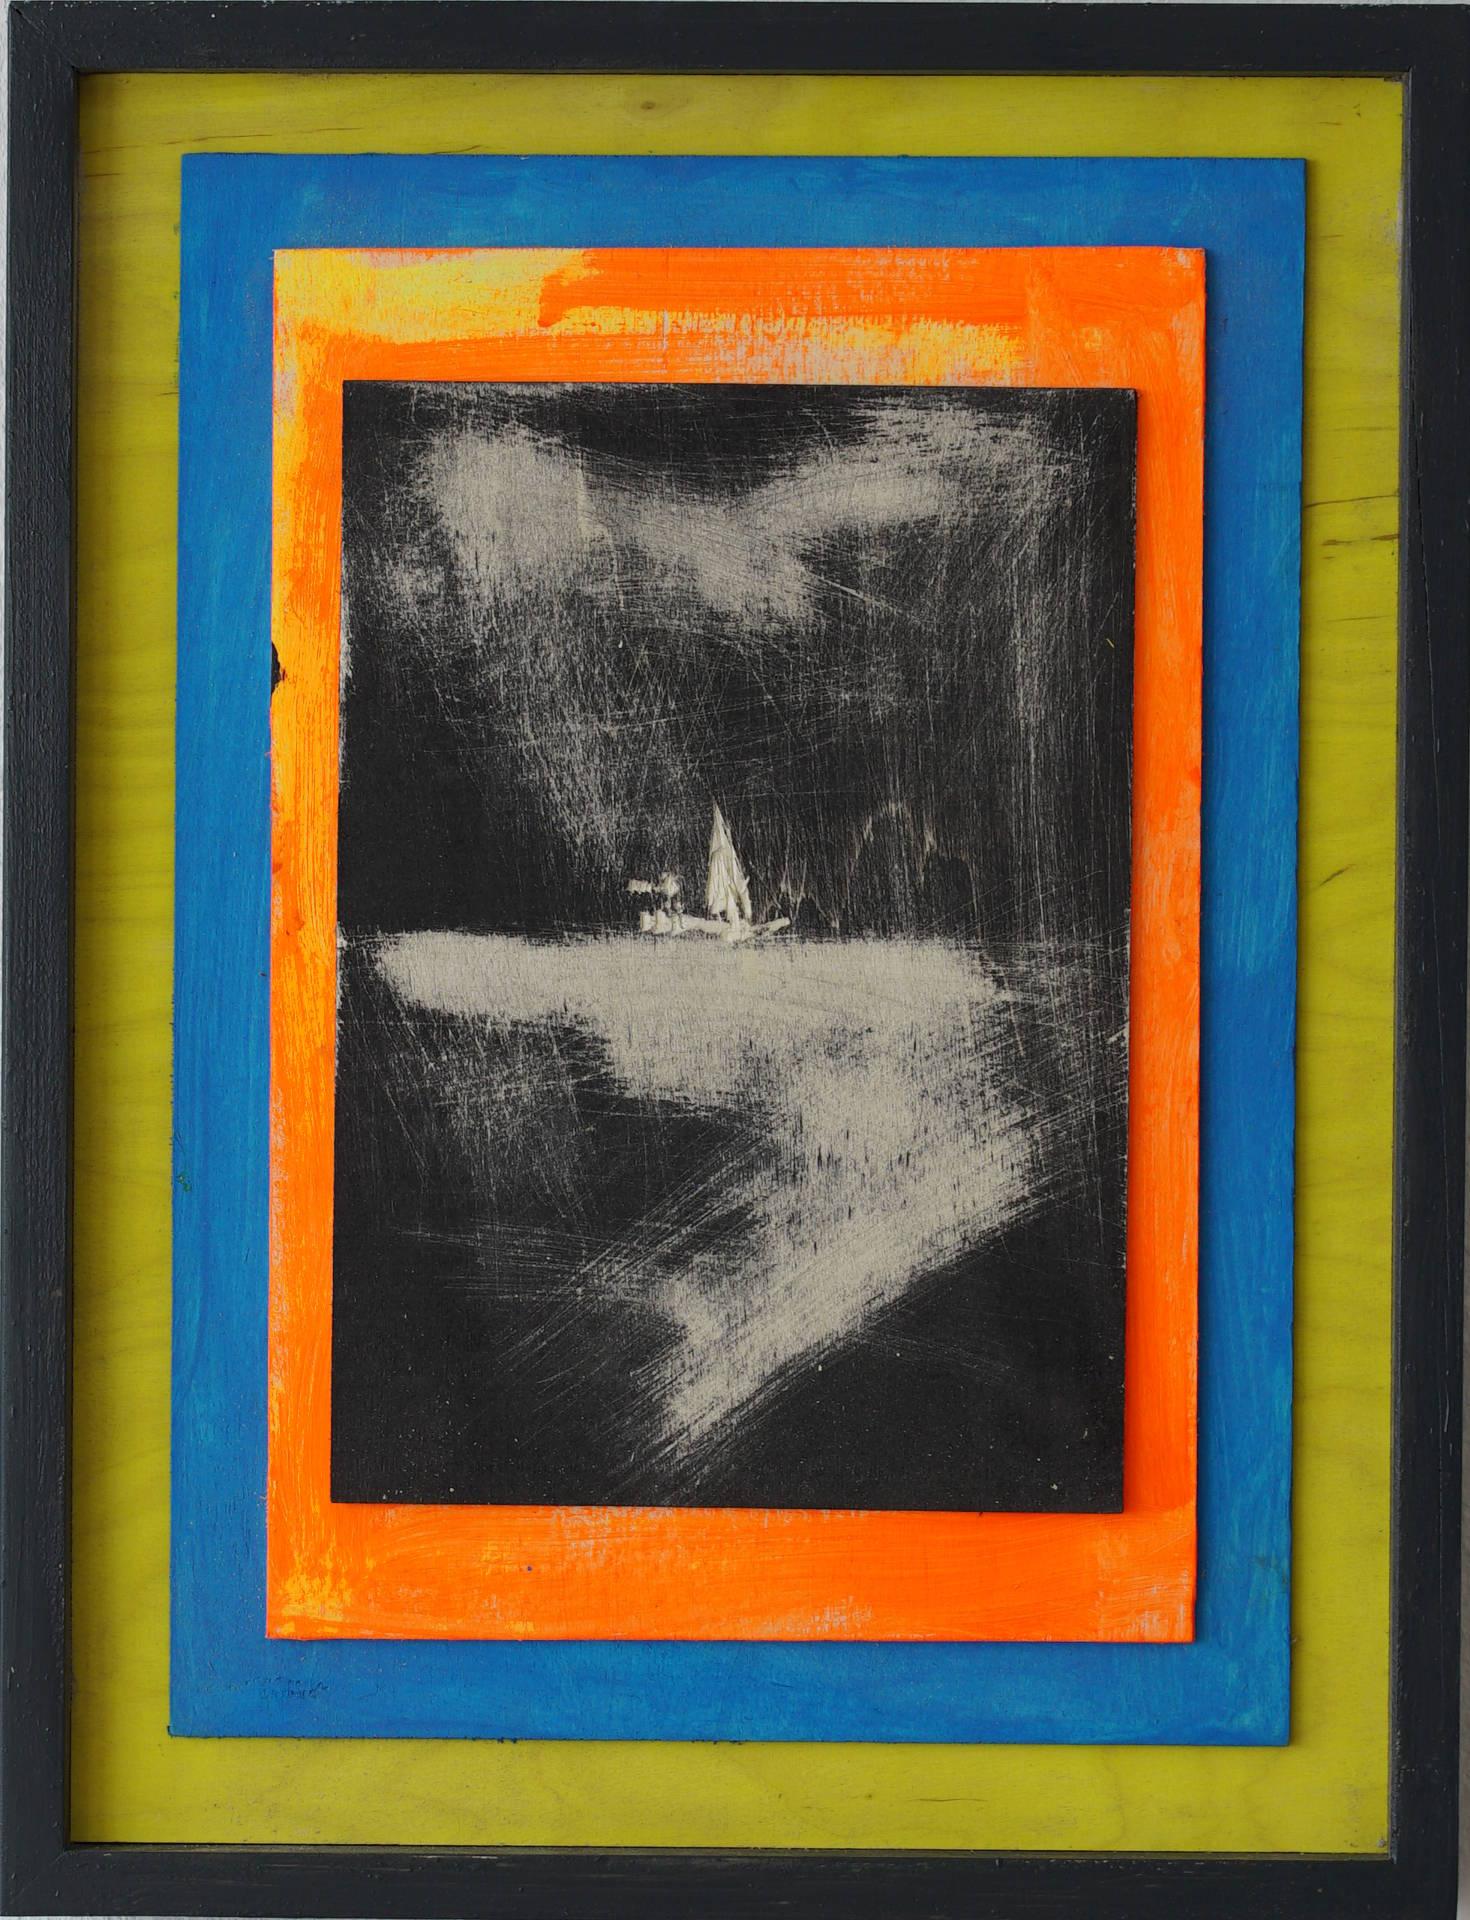 Auf dem Wasser (on the water) by Jonas Hofrichter, 2016